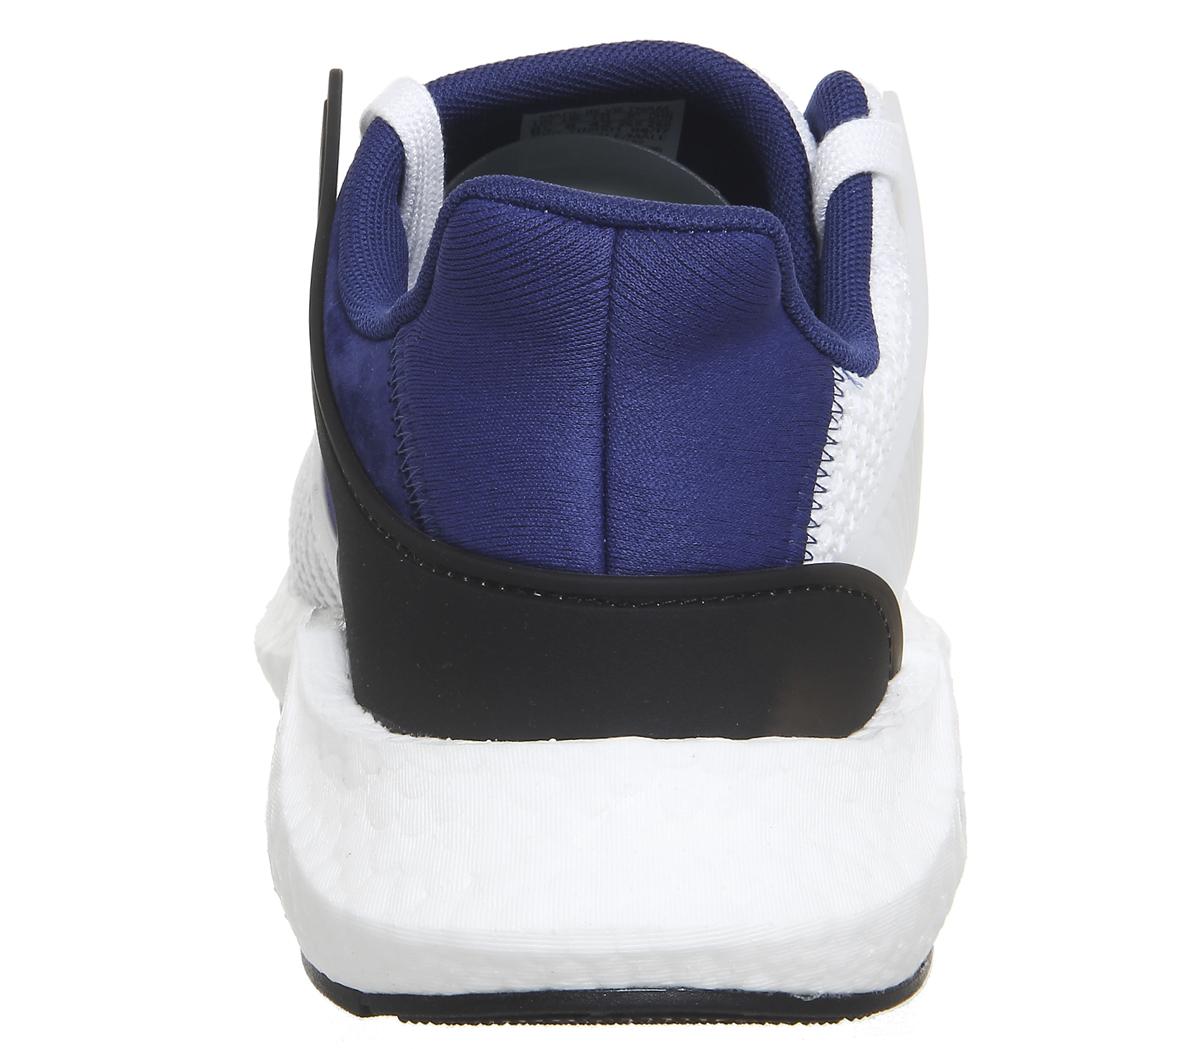 Adidas eqt SOSTEGNO 93/17 BIANCO CORE NERO BIANCHE Sportive Scarpe